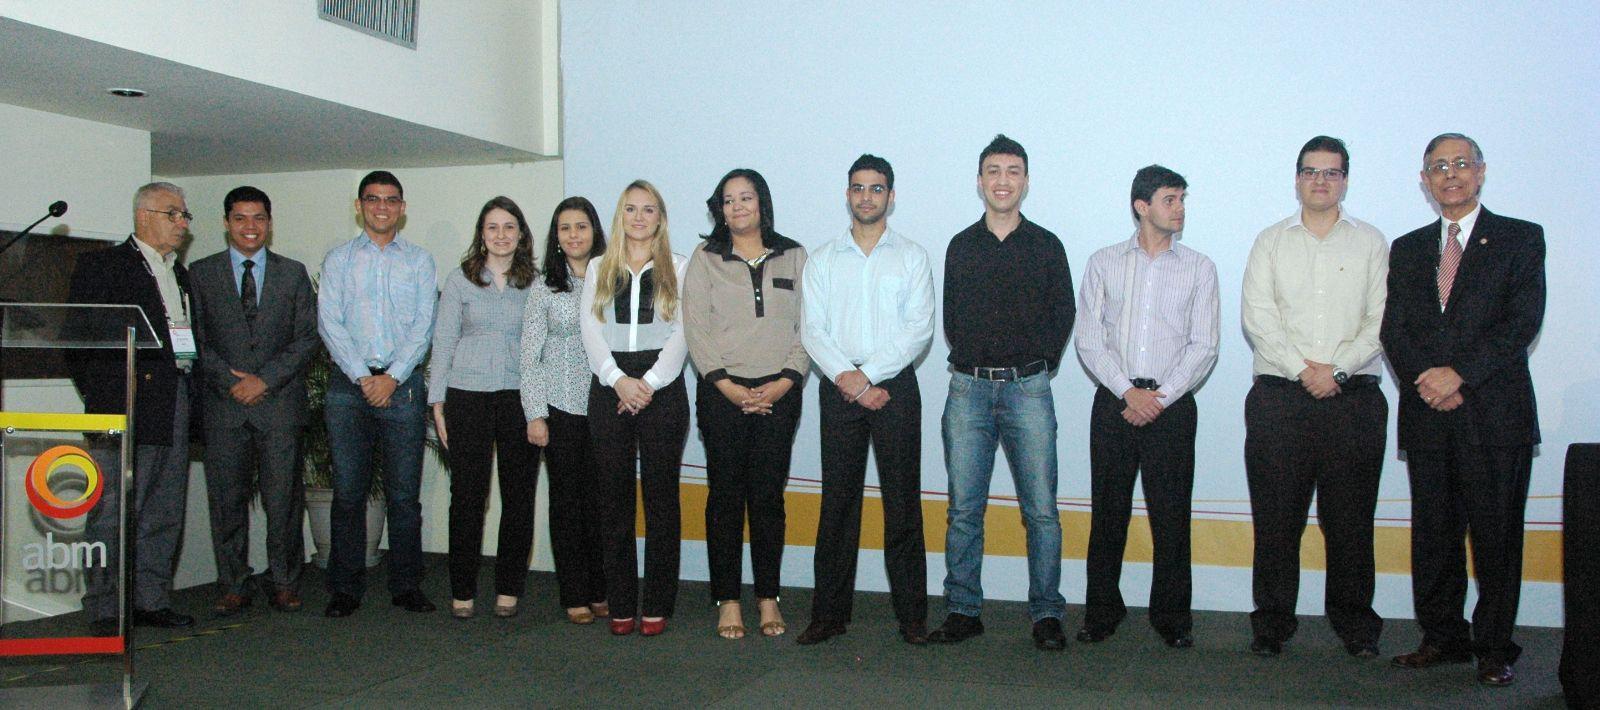 Aluno da FaSaR conquista terceiro lugar em Concurso de Redação realizado pela ABM